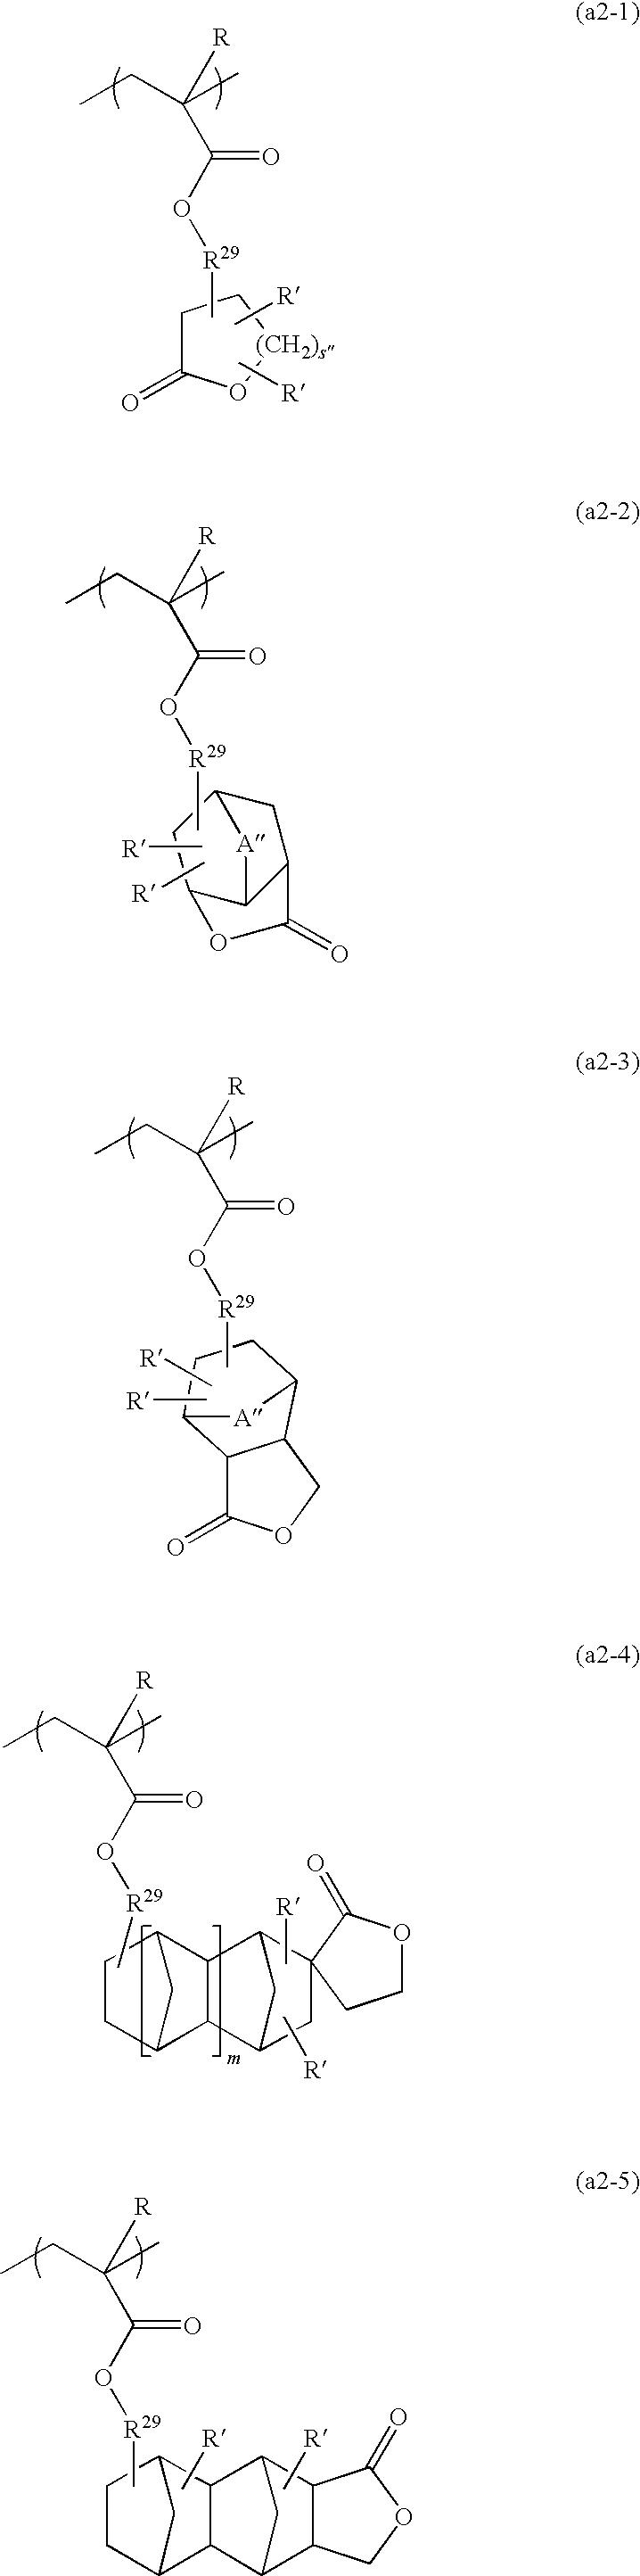 Figure US20100136480A1-20100603-C00055